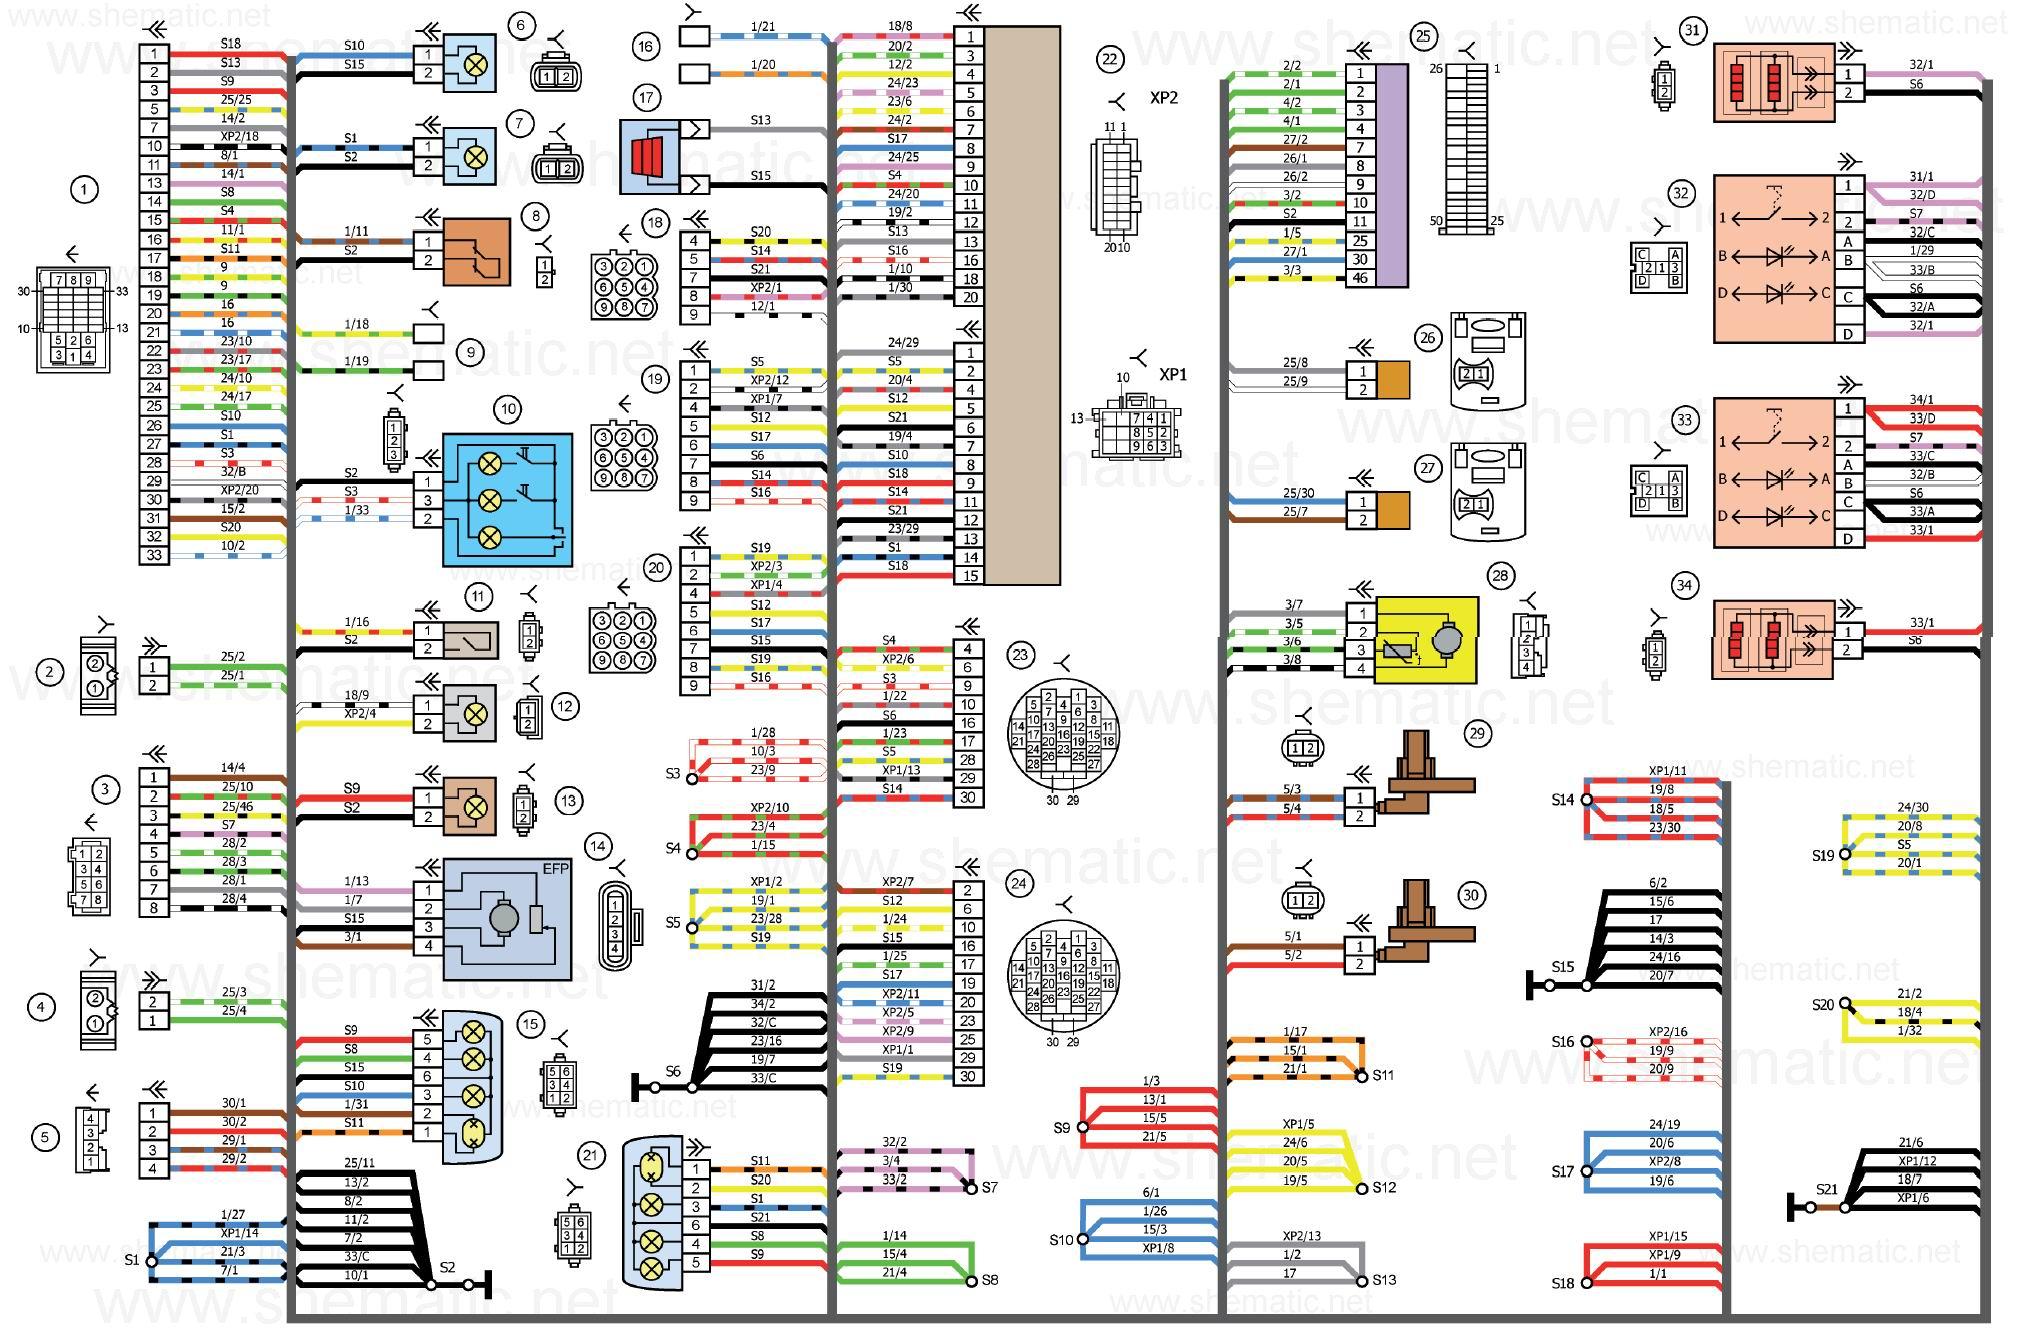 Схема электрических соединений жгута проводов заднего автомобиля LADA KALINA 11174. (нажмите для увеличения) .